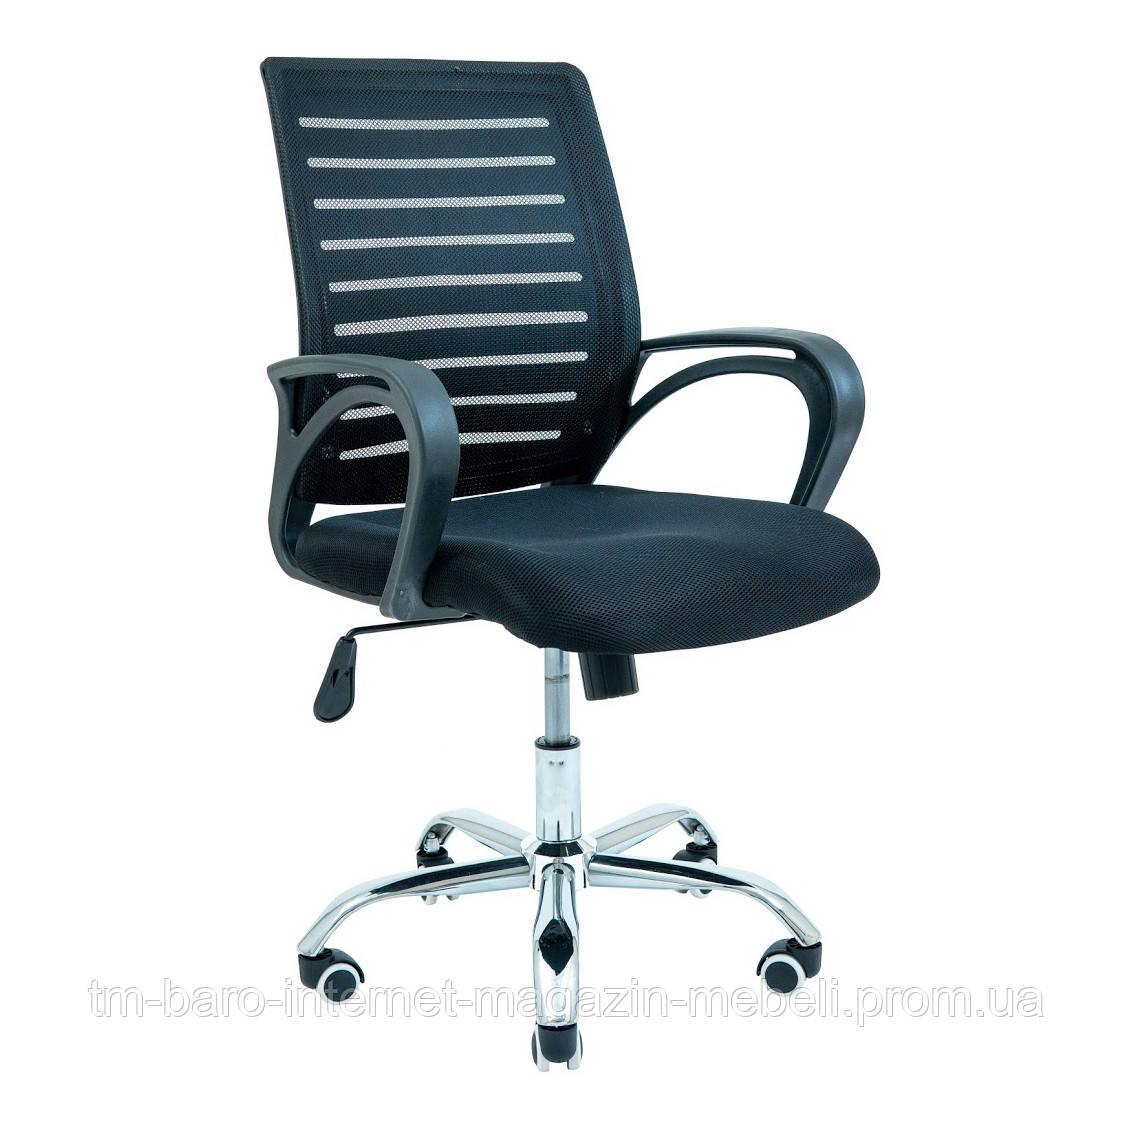 Кресло Флеш черный, Richman